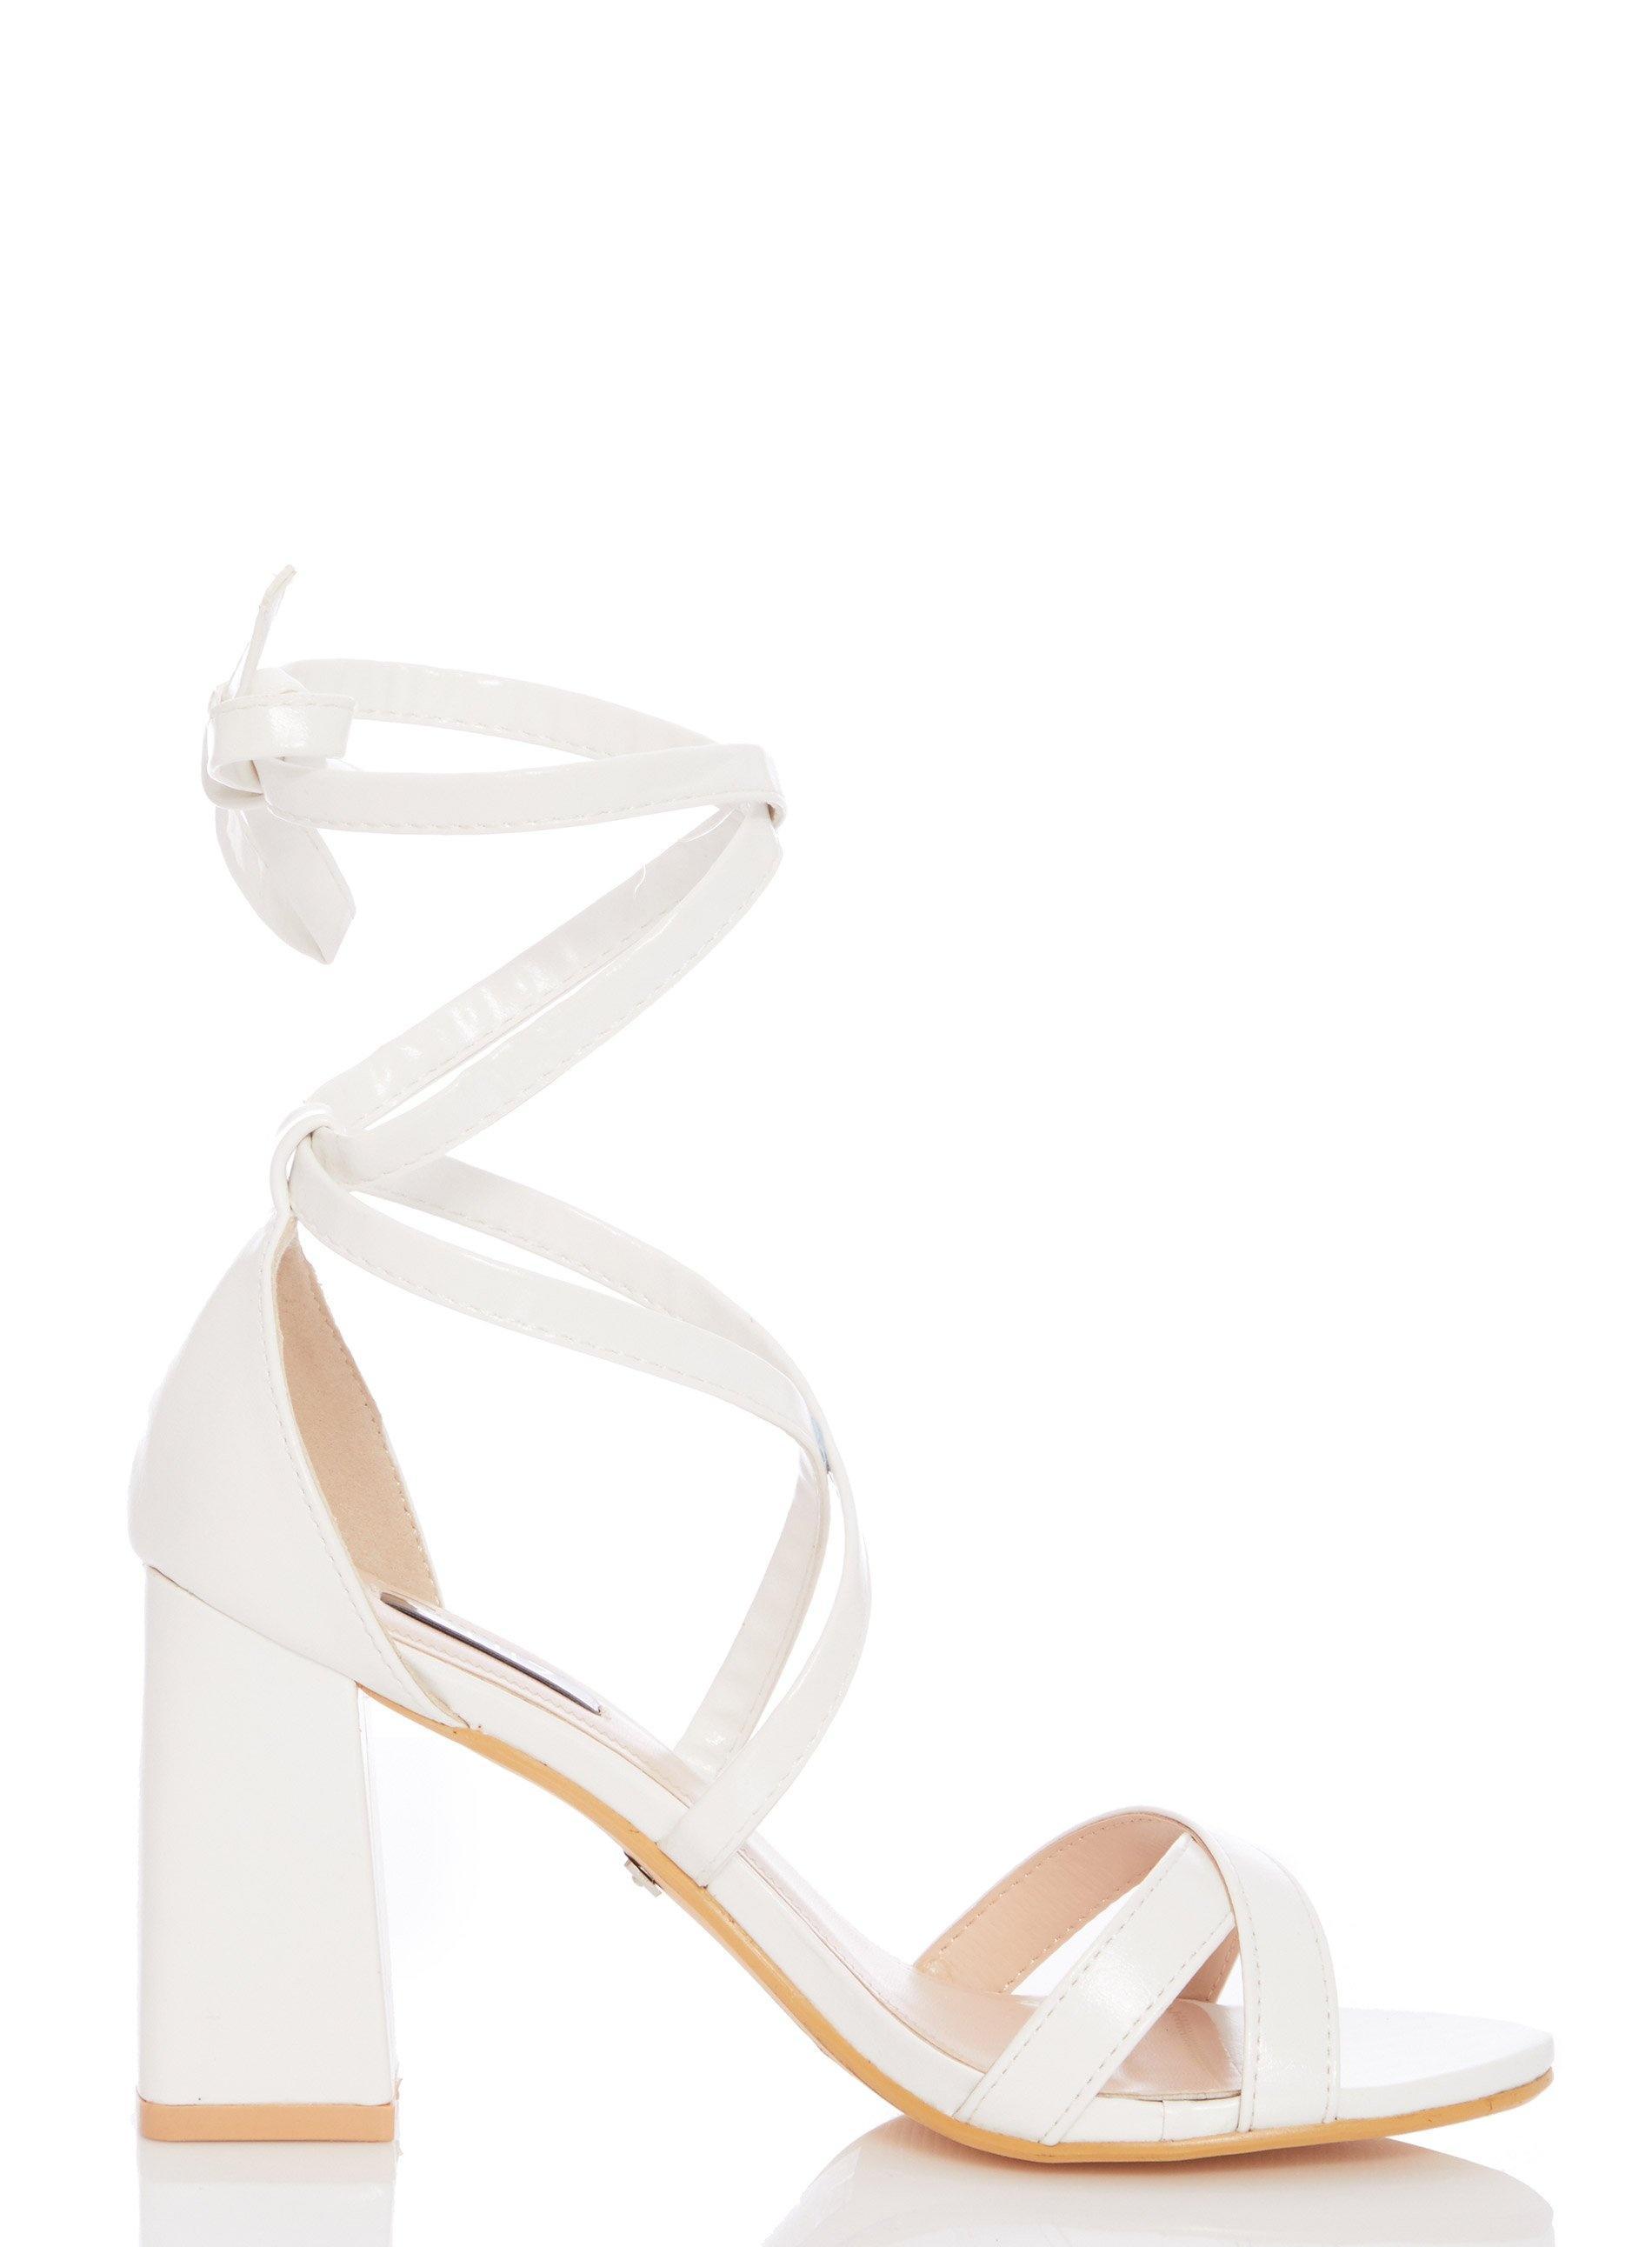 4b2db403b Quiz White Block Heel Sandals in White - Lyst